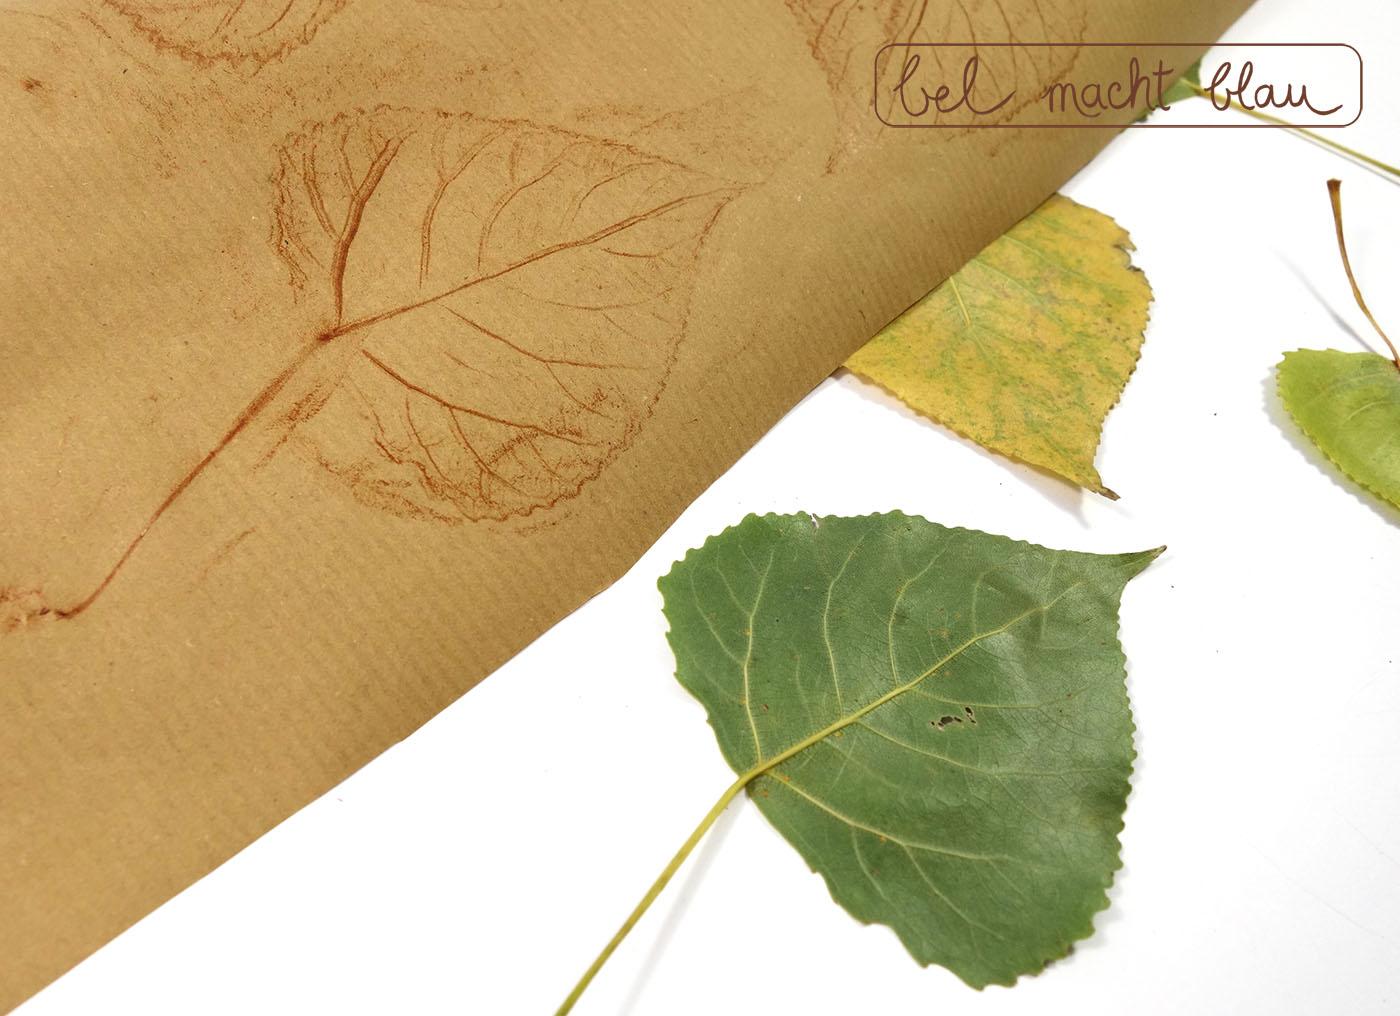 Blätter-Frottage